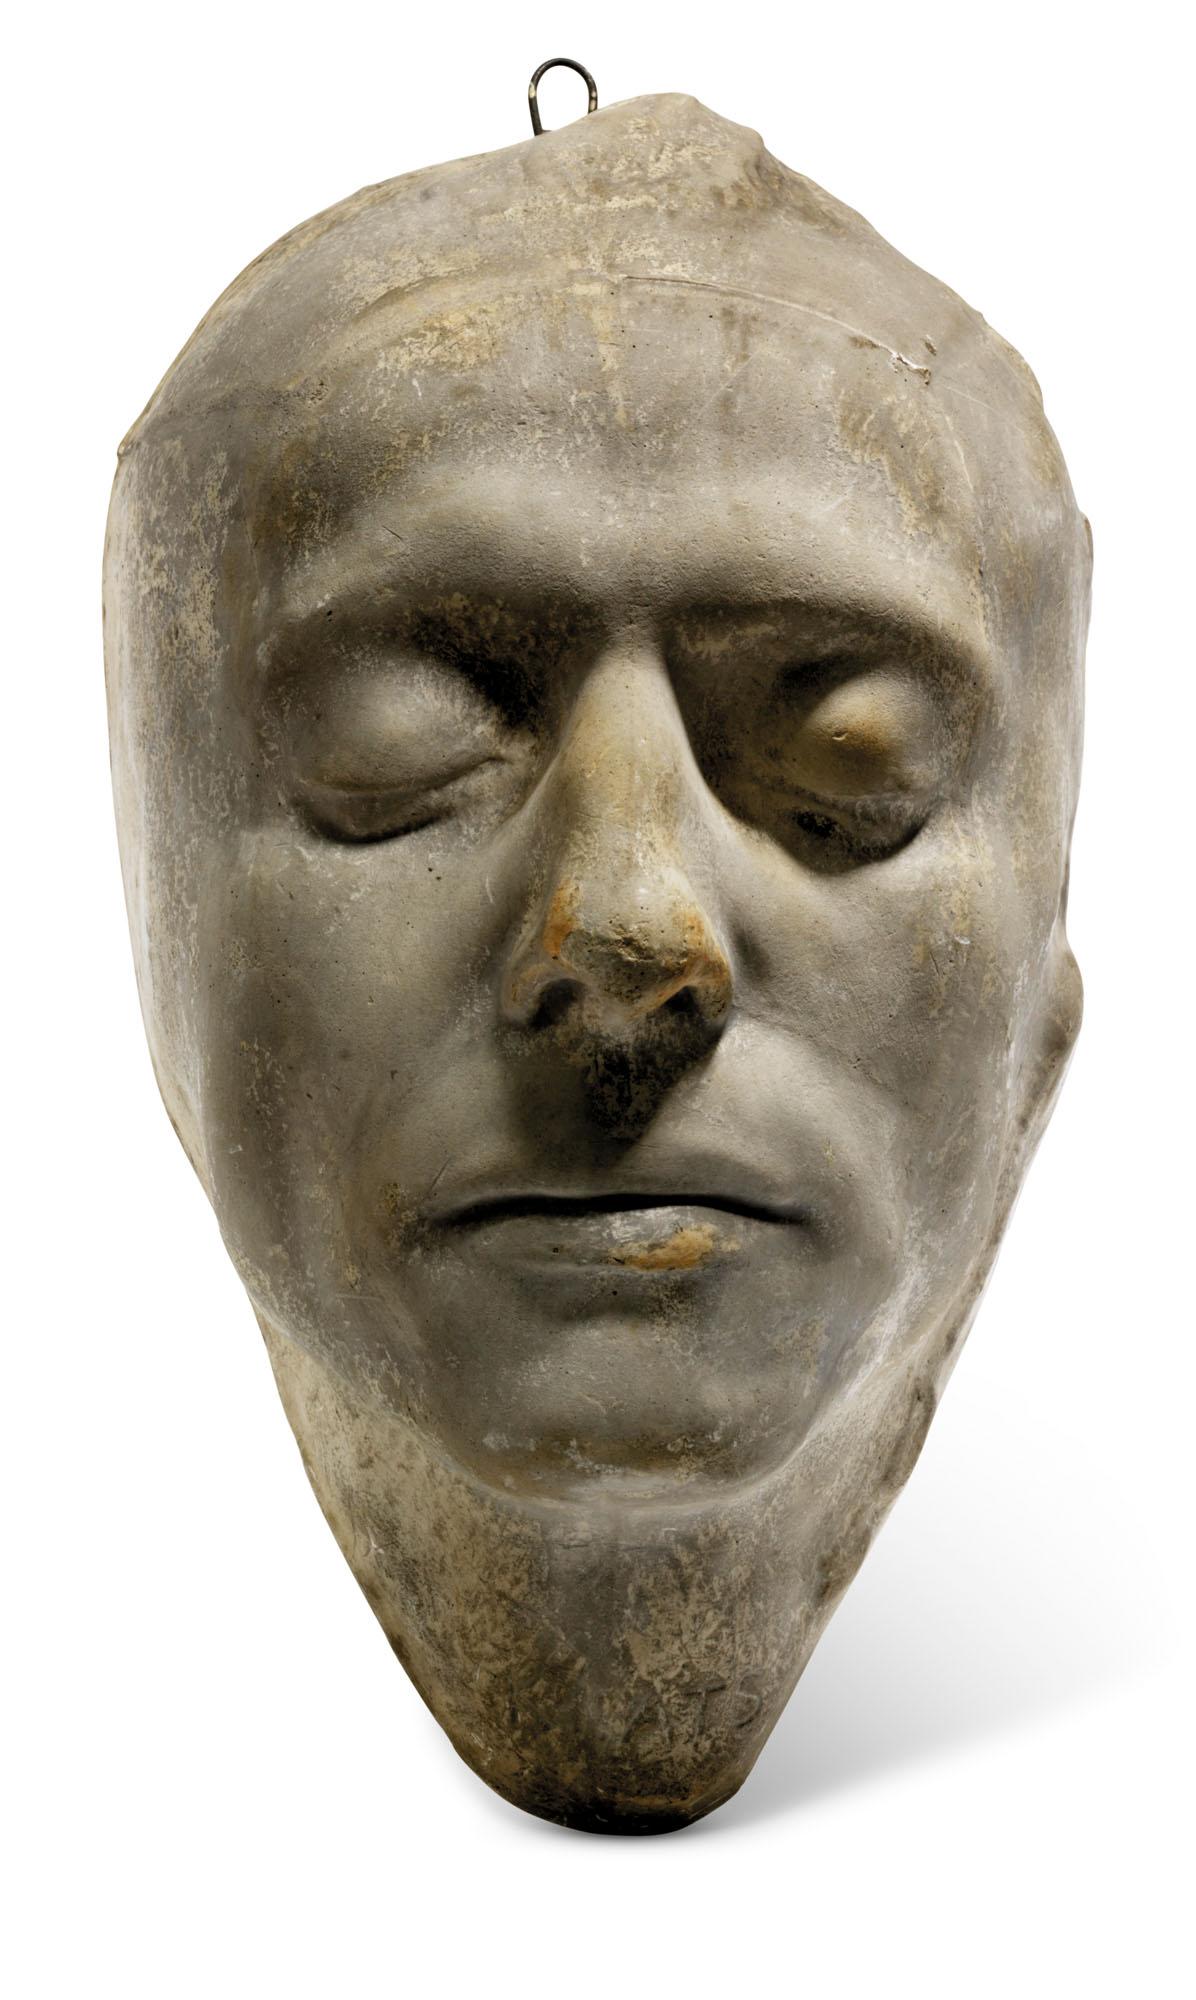 John Keats (1795-1821)